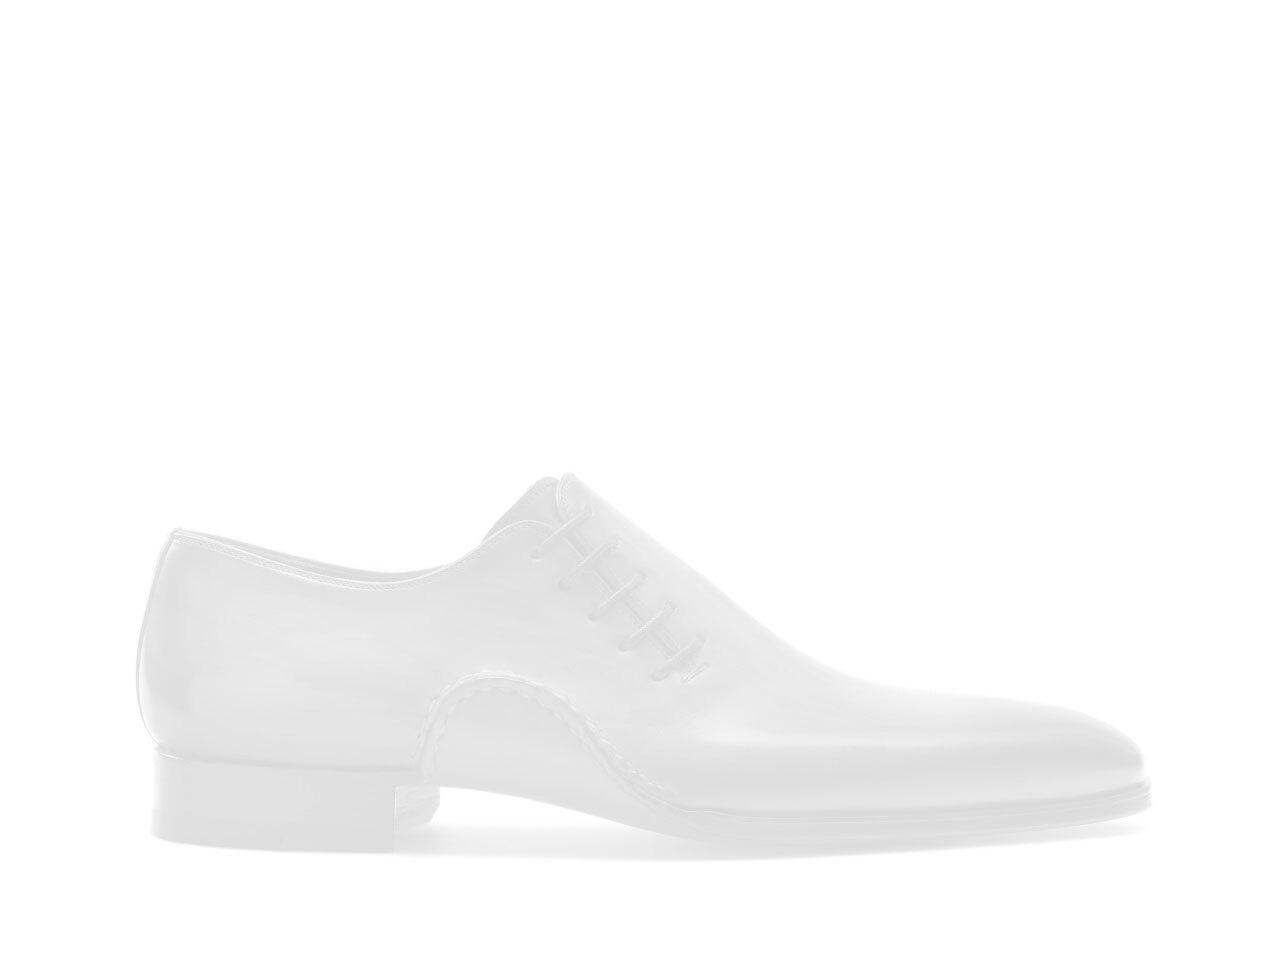 Neutral premium shoe cream - Magnanni shoe care